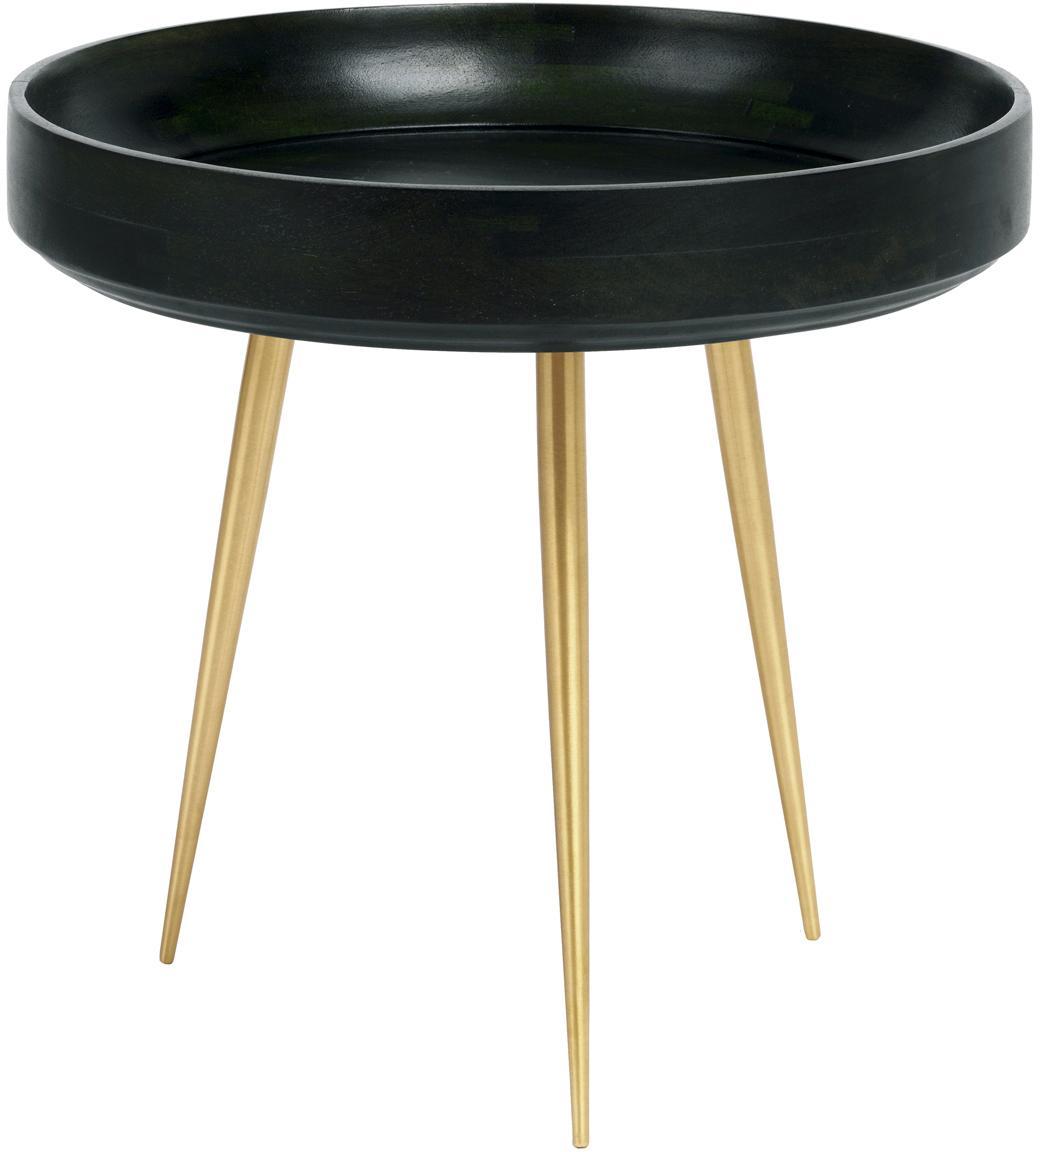 Kleiner Design-Beistelltisch Bowl Table aus Mangoholz, Tischplatte: Mangoholz, mit bleifreiem, Beine: Metall, vermessingt, Nori Grün, Messingfarben, Ø 40 x H 38 cm